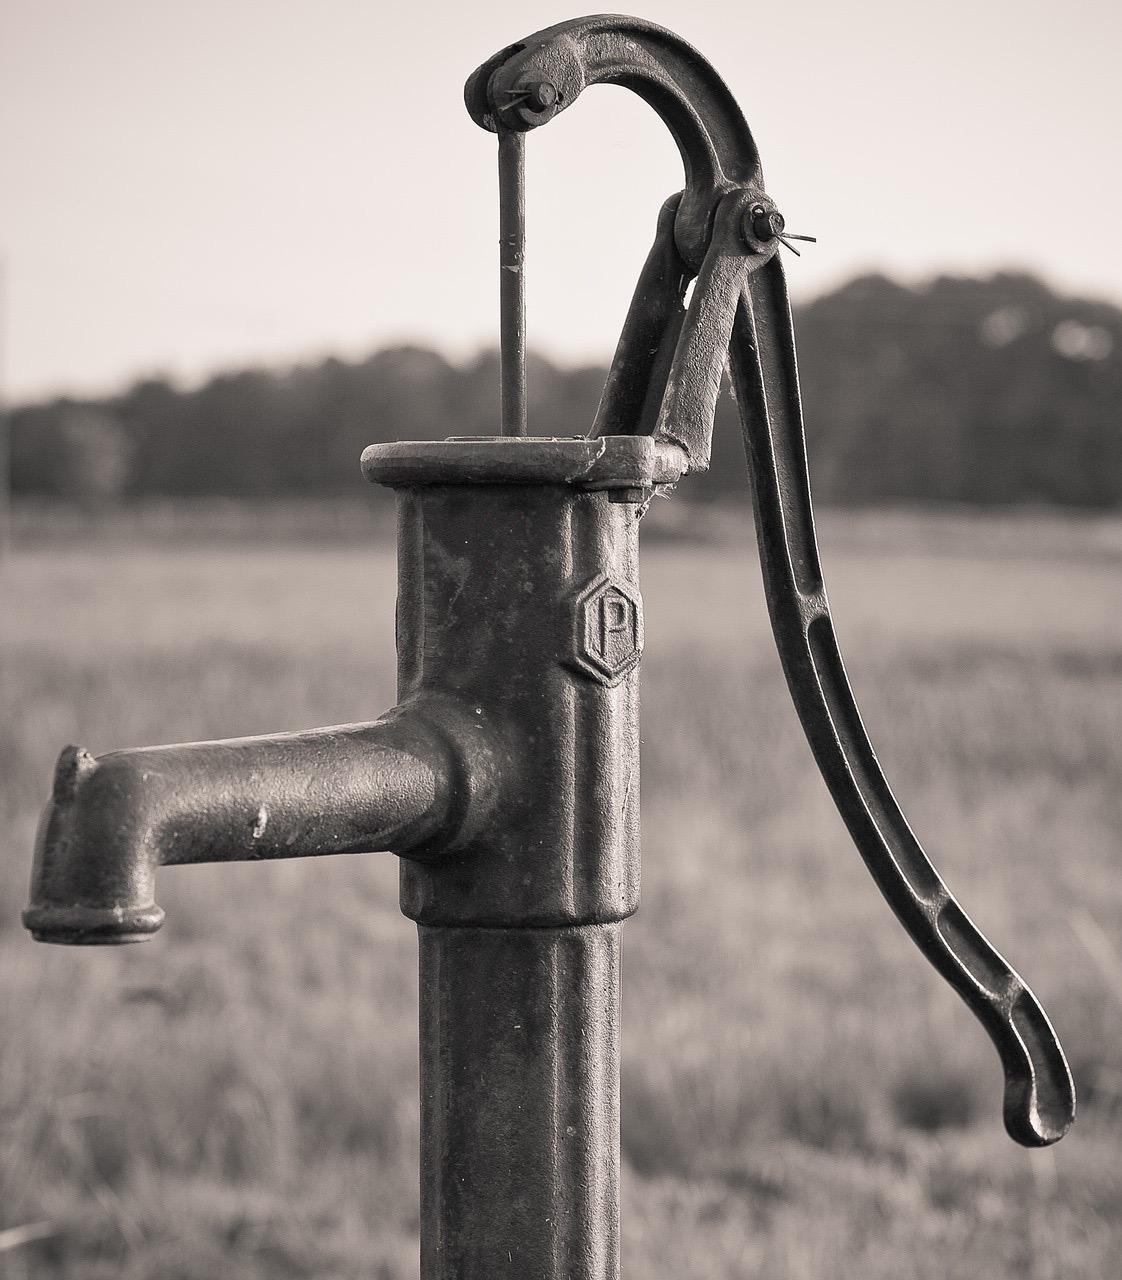 Vandpumpe